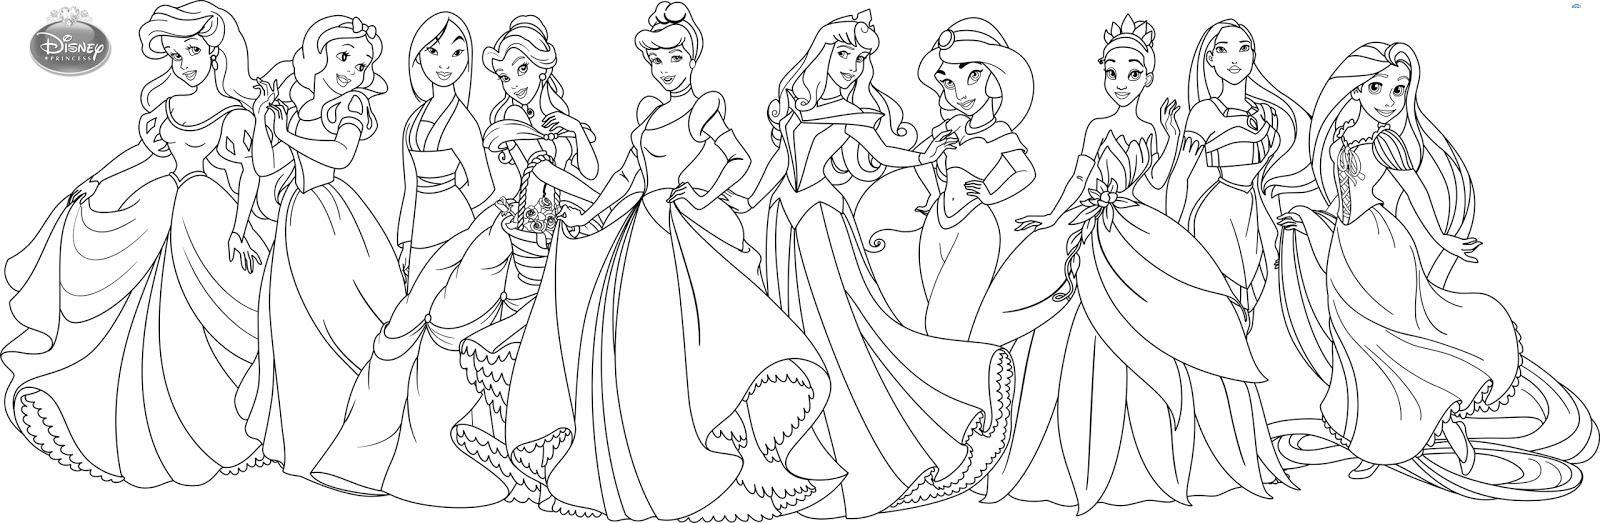 Десять принцесс диснея Раскраски с цветами распечатать бесплатно